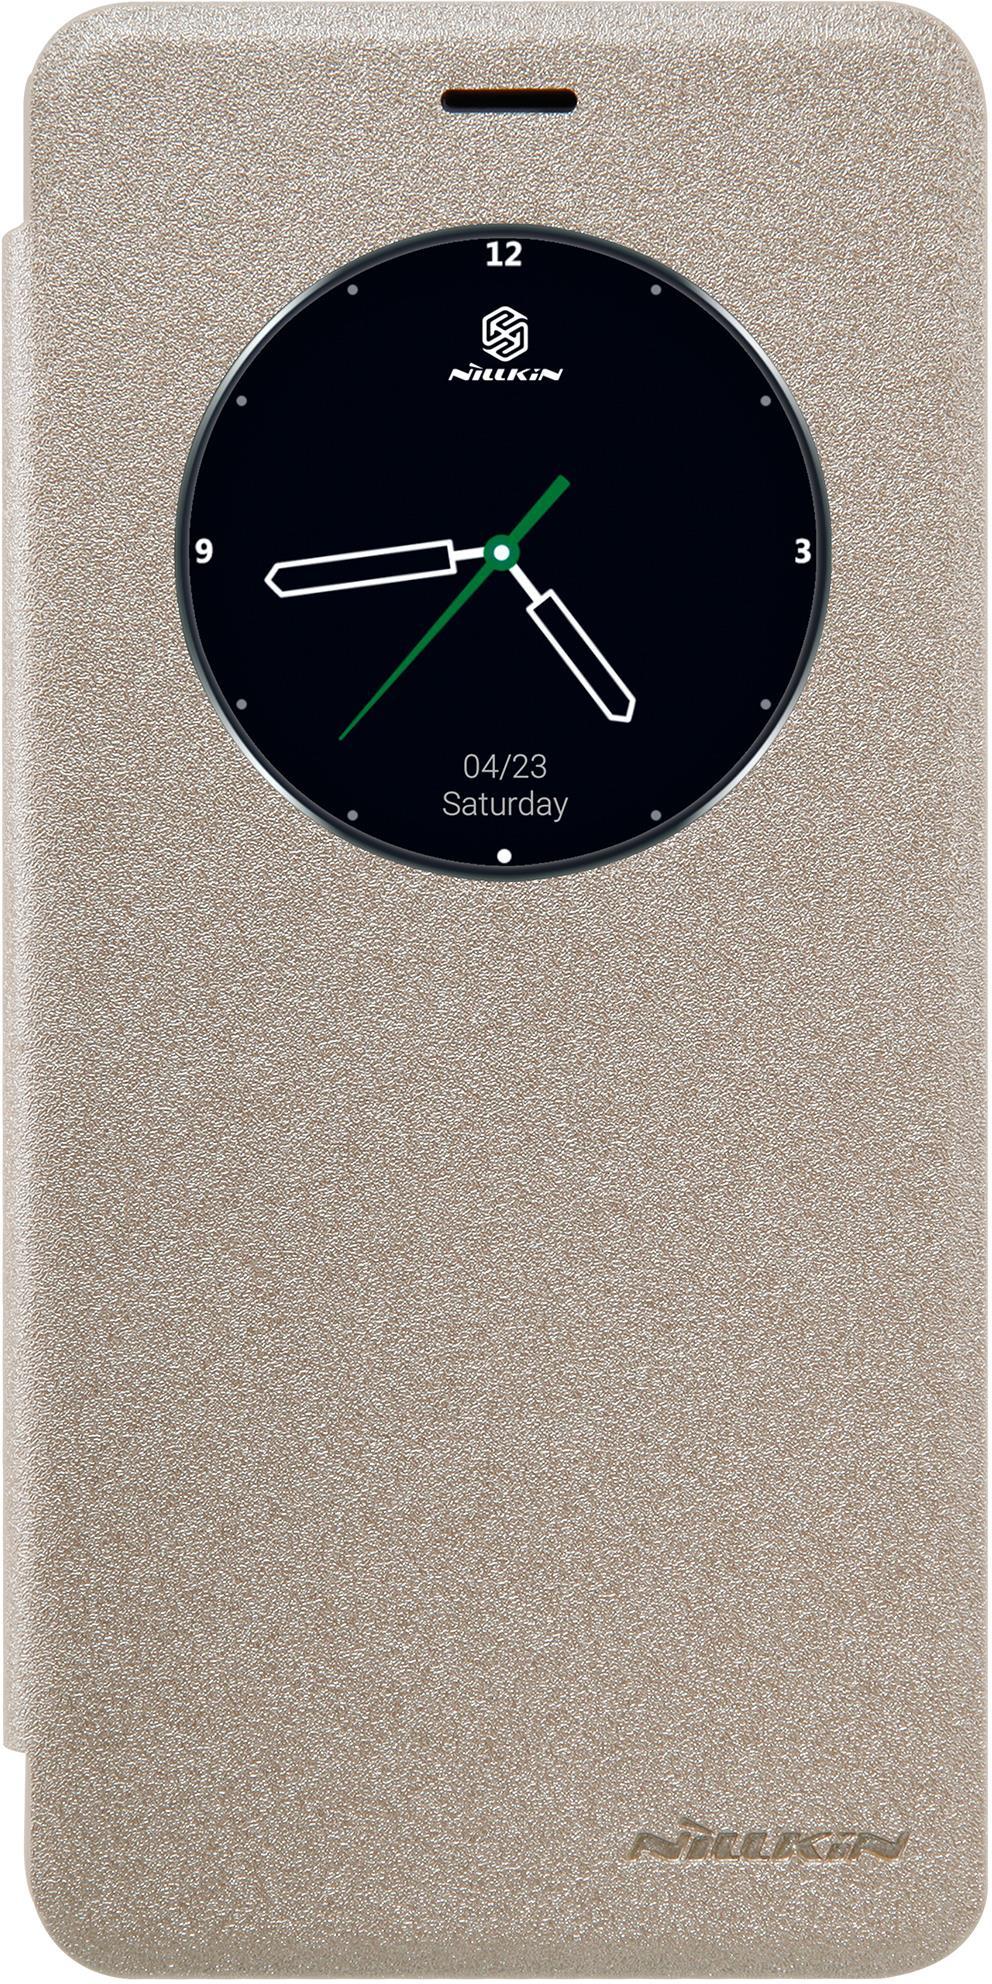 Чехол Nillkin Sparkle для Meizu M3E, 6902048128392, золотистый nillkin meizu pro7 матовый телефон защитная крышка чехол чехол для мобильного телефона черный